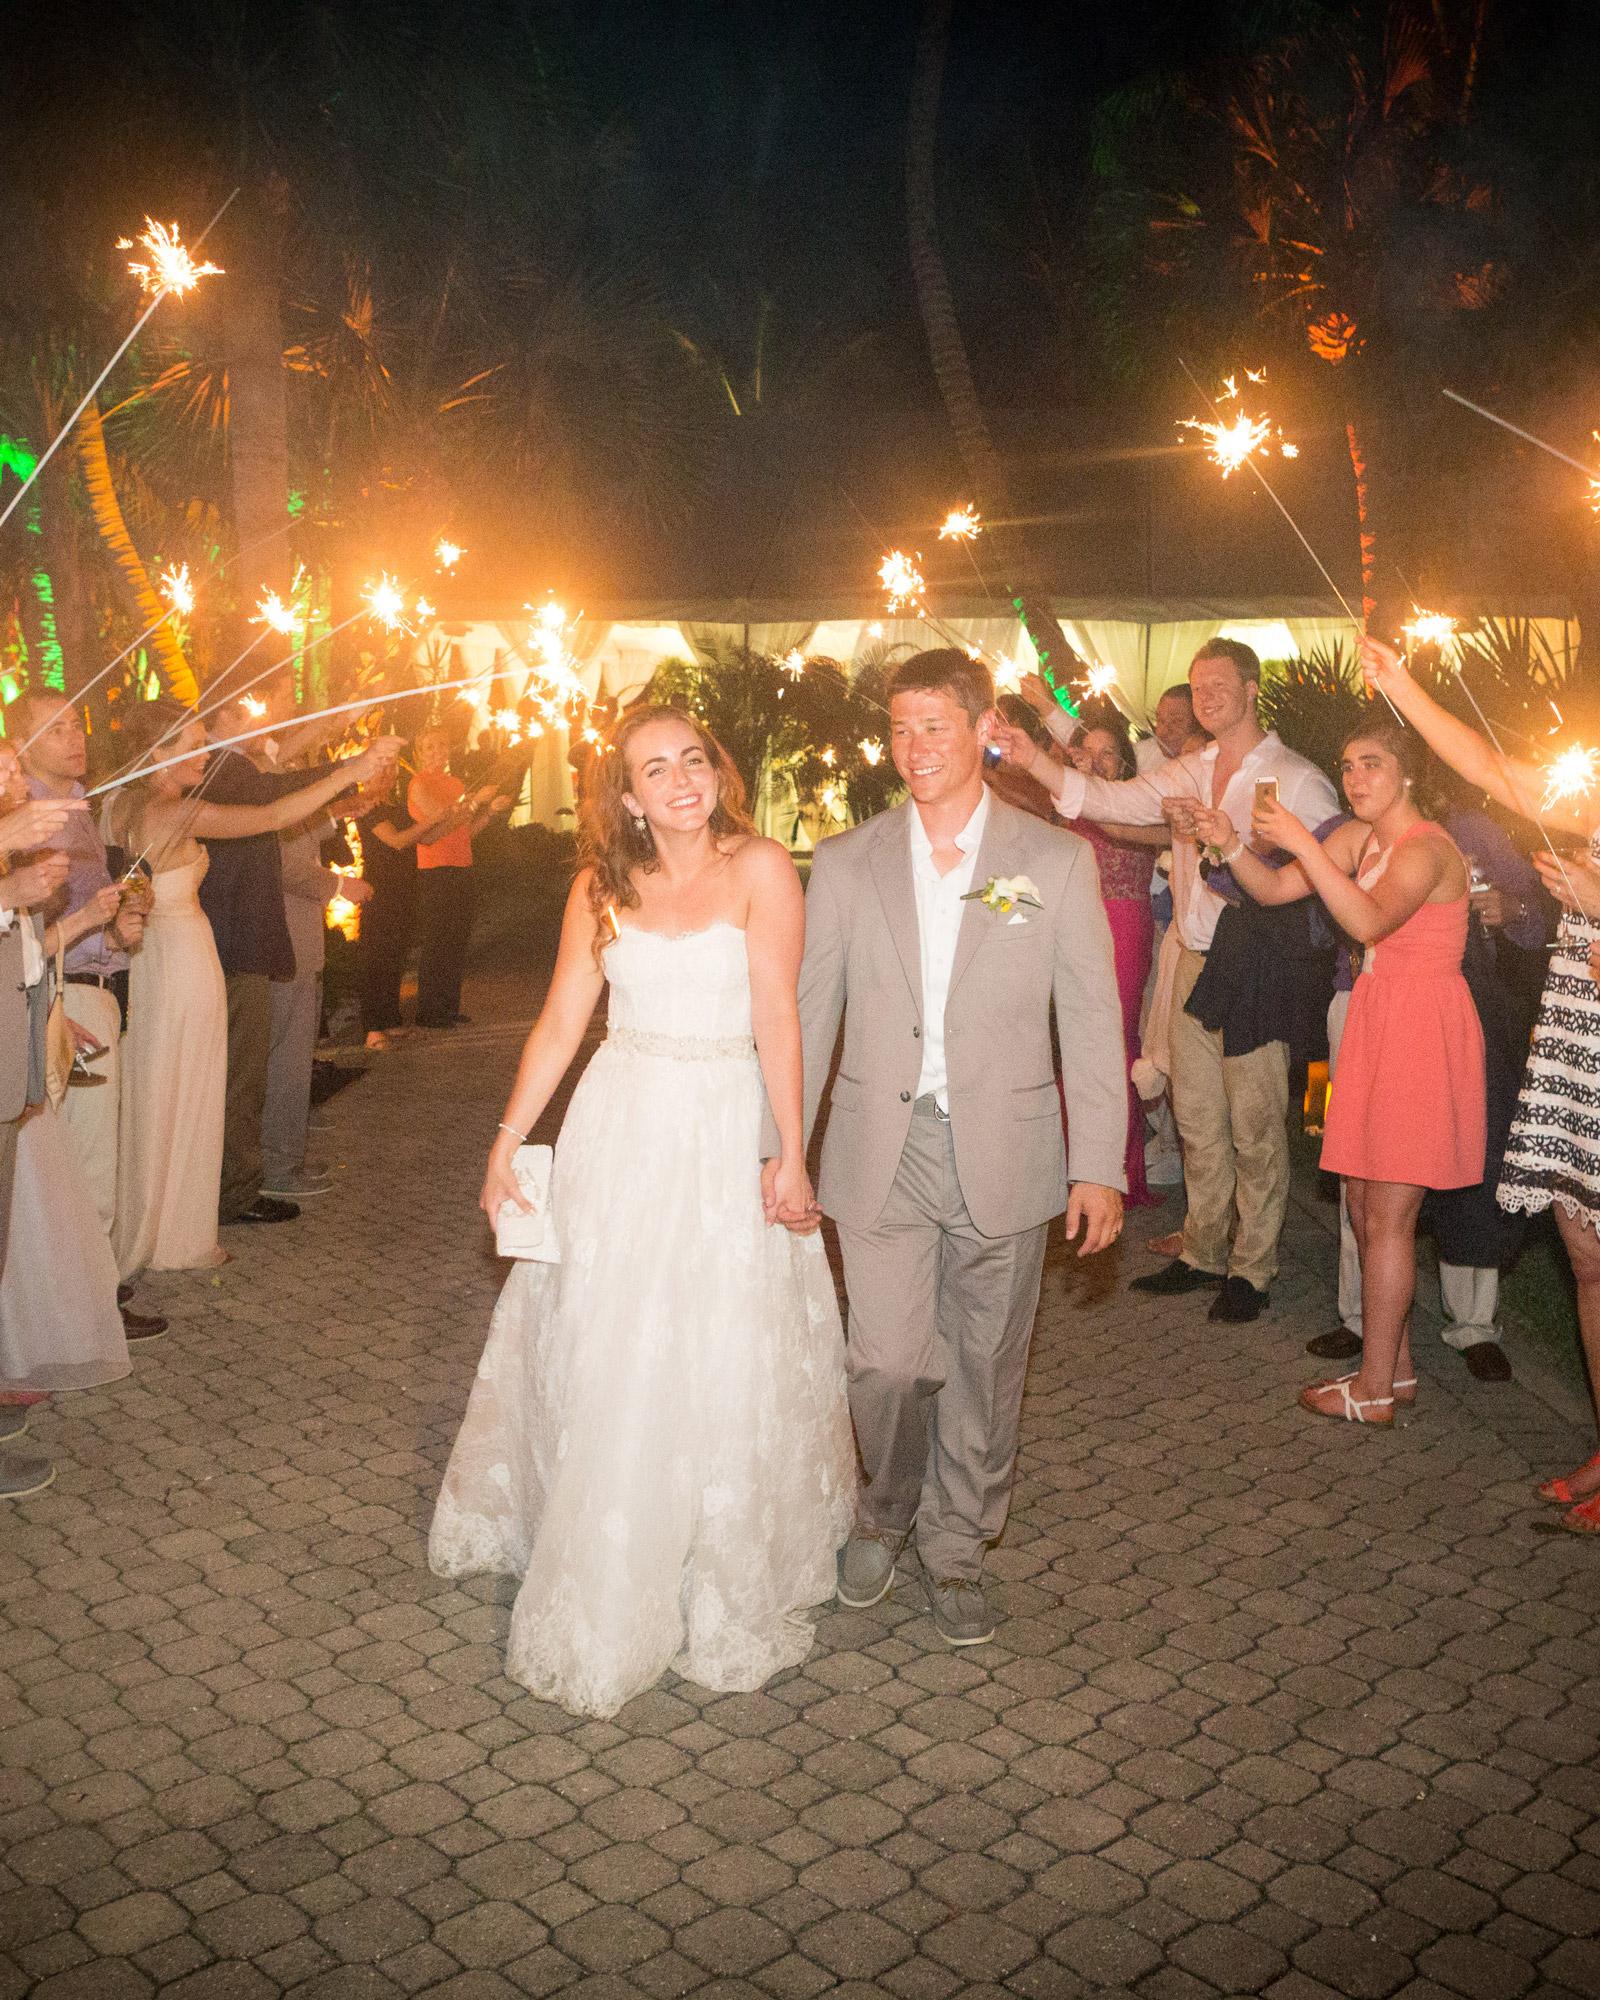 erin-ryan-florida-wedding-sparkler-sendoff-1570-s113010-0516.jpg